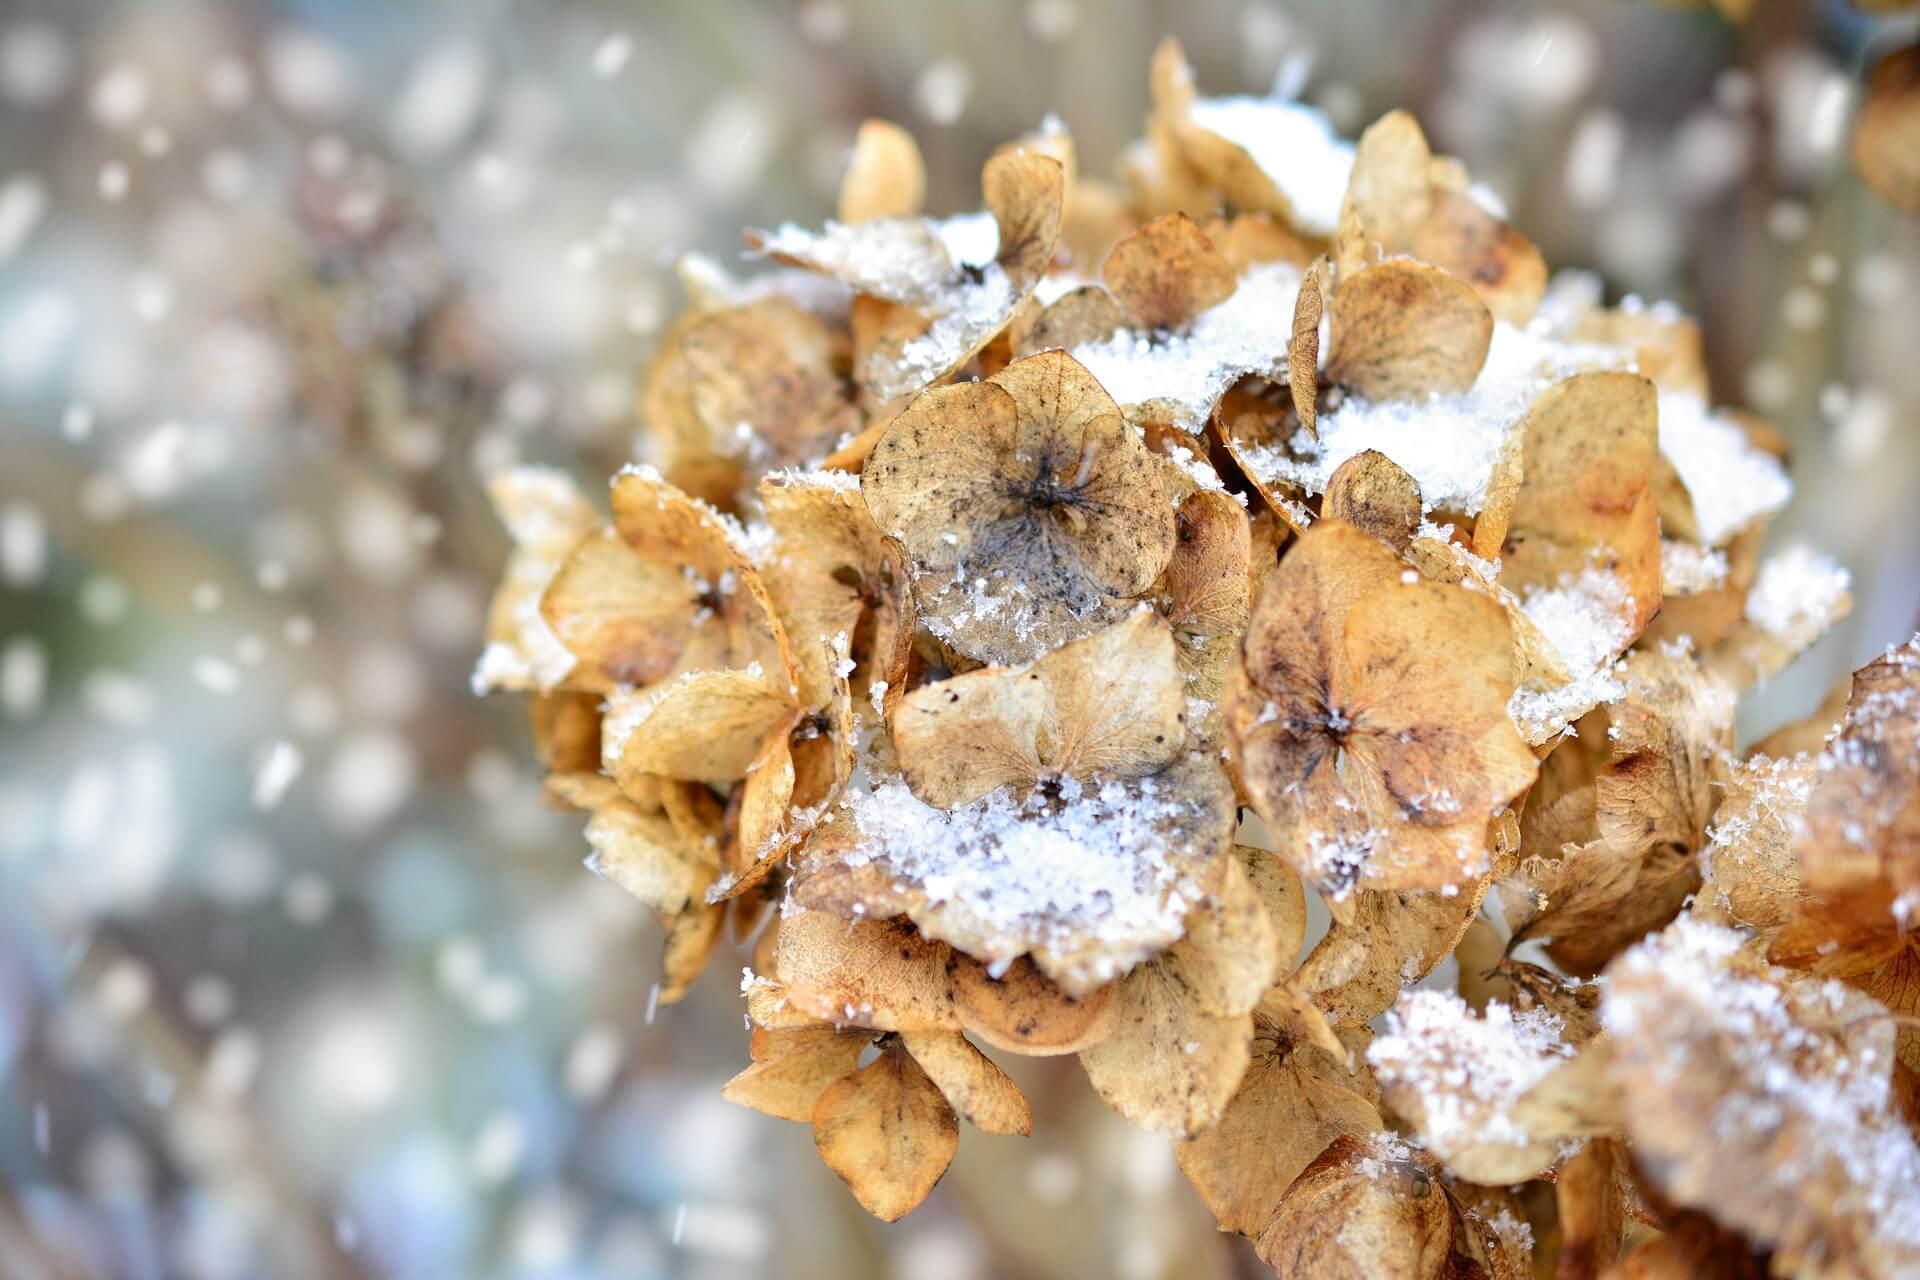 10-Dinge-die-du-nach-einer-Fehlgeburt-nicht-tun-solltest-Natur-Hortensie-Winter-Hoffnung-Fehlgeburt-verarbeiten-Gedankenbalsam